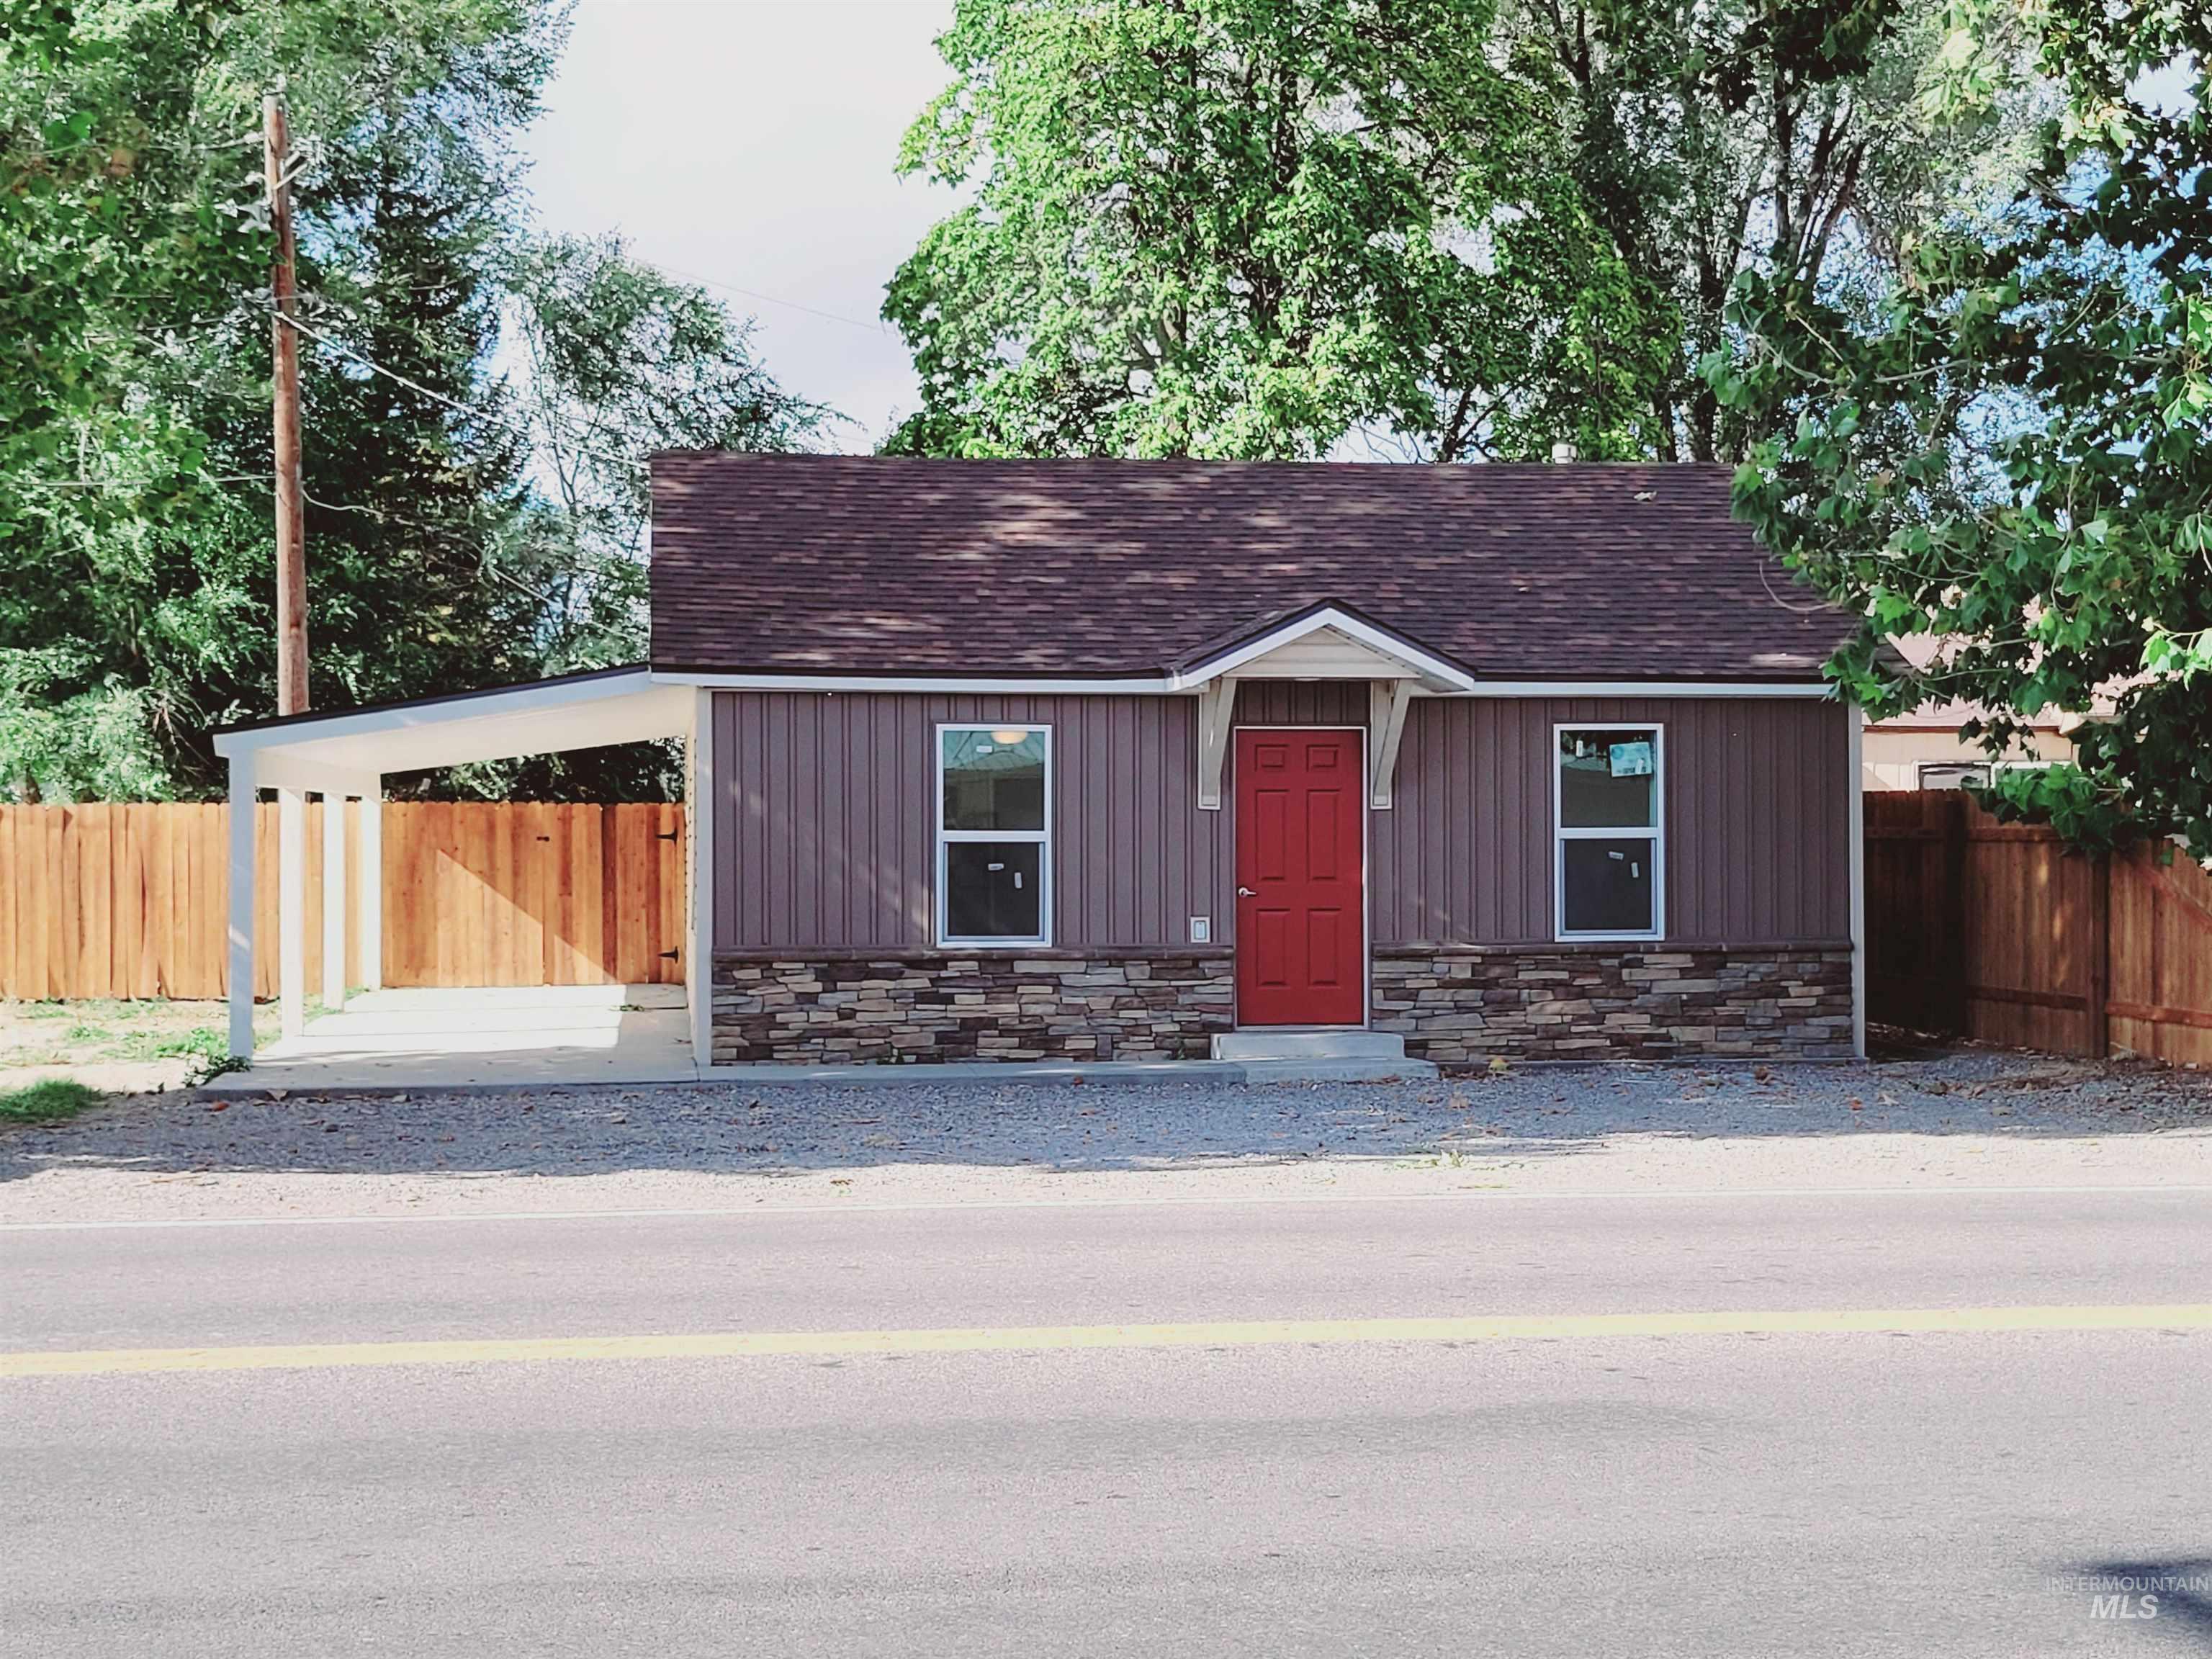 105 Read Ave, Rupert, ID 83350